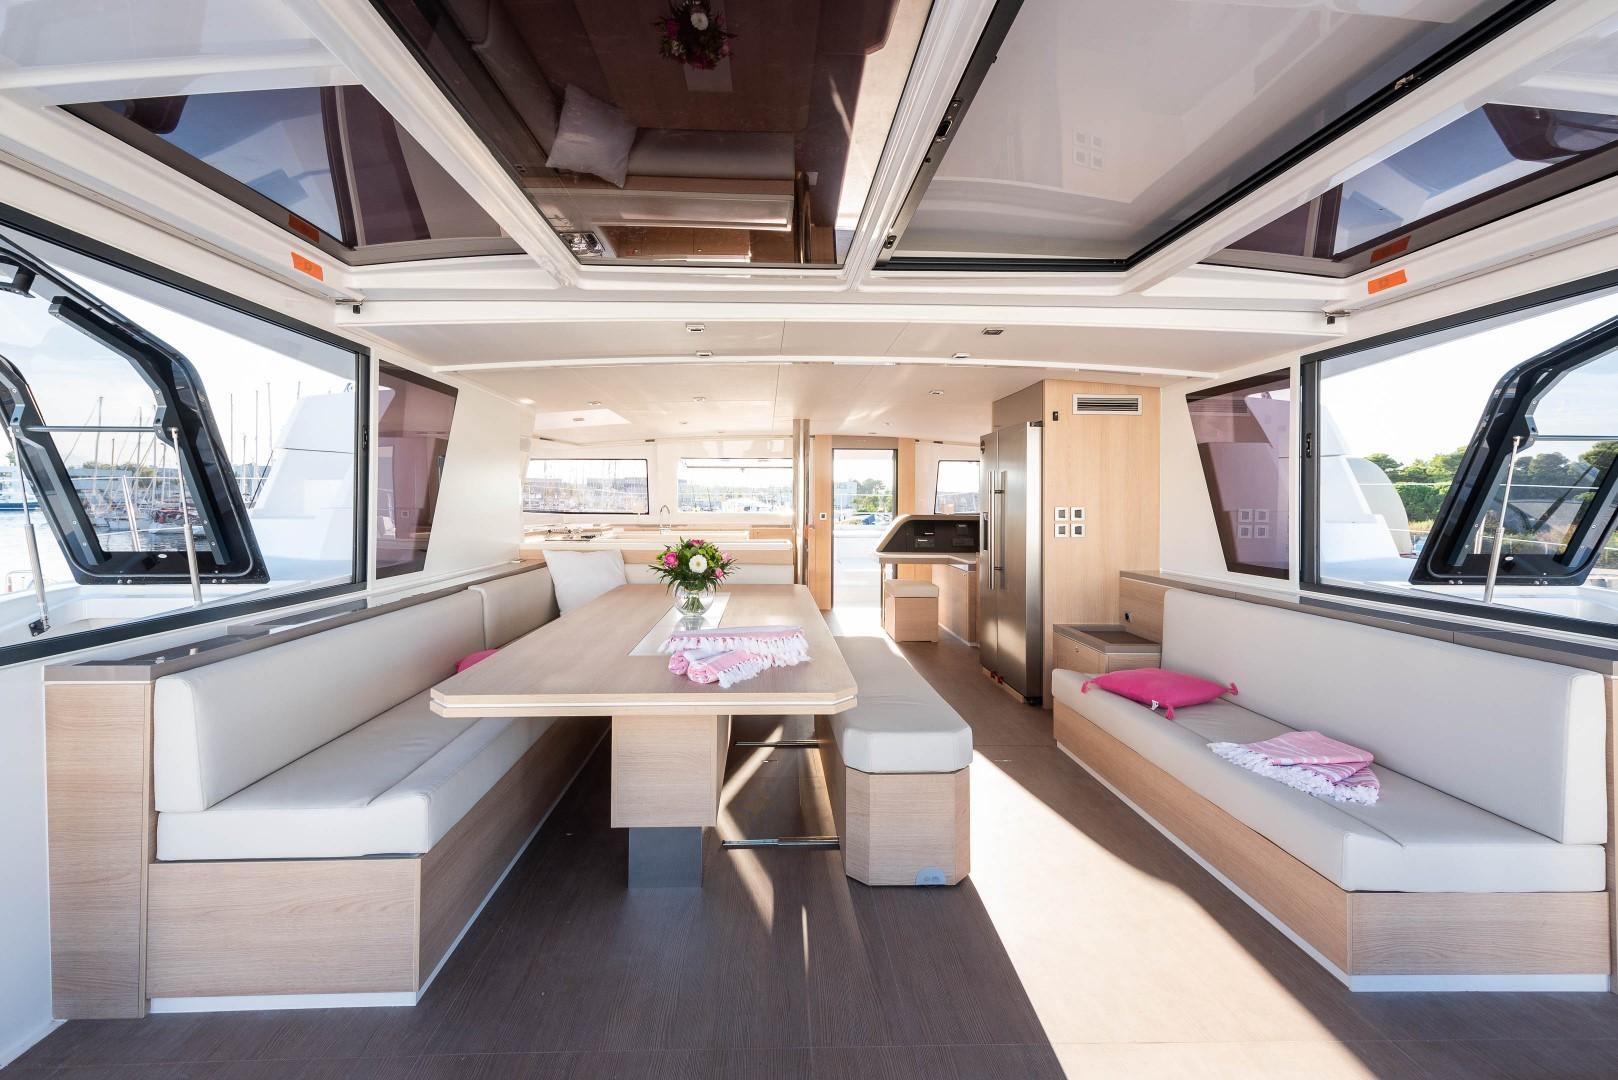 bali-5.4-catamaran-sailing-yacht-charter-boat-2